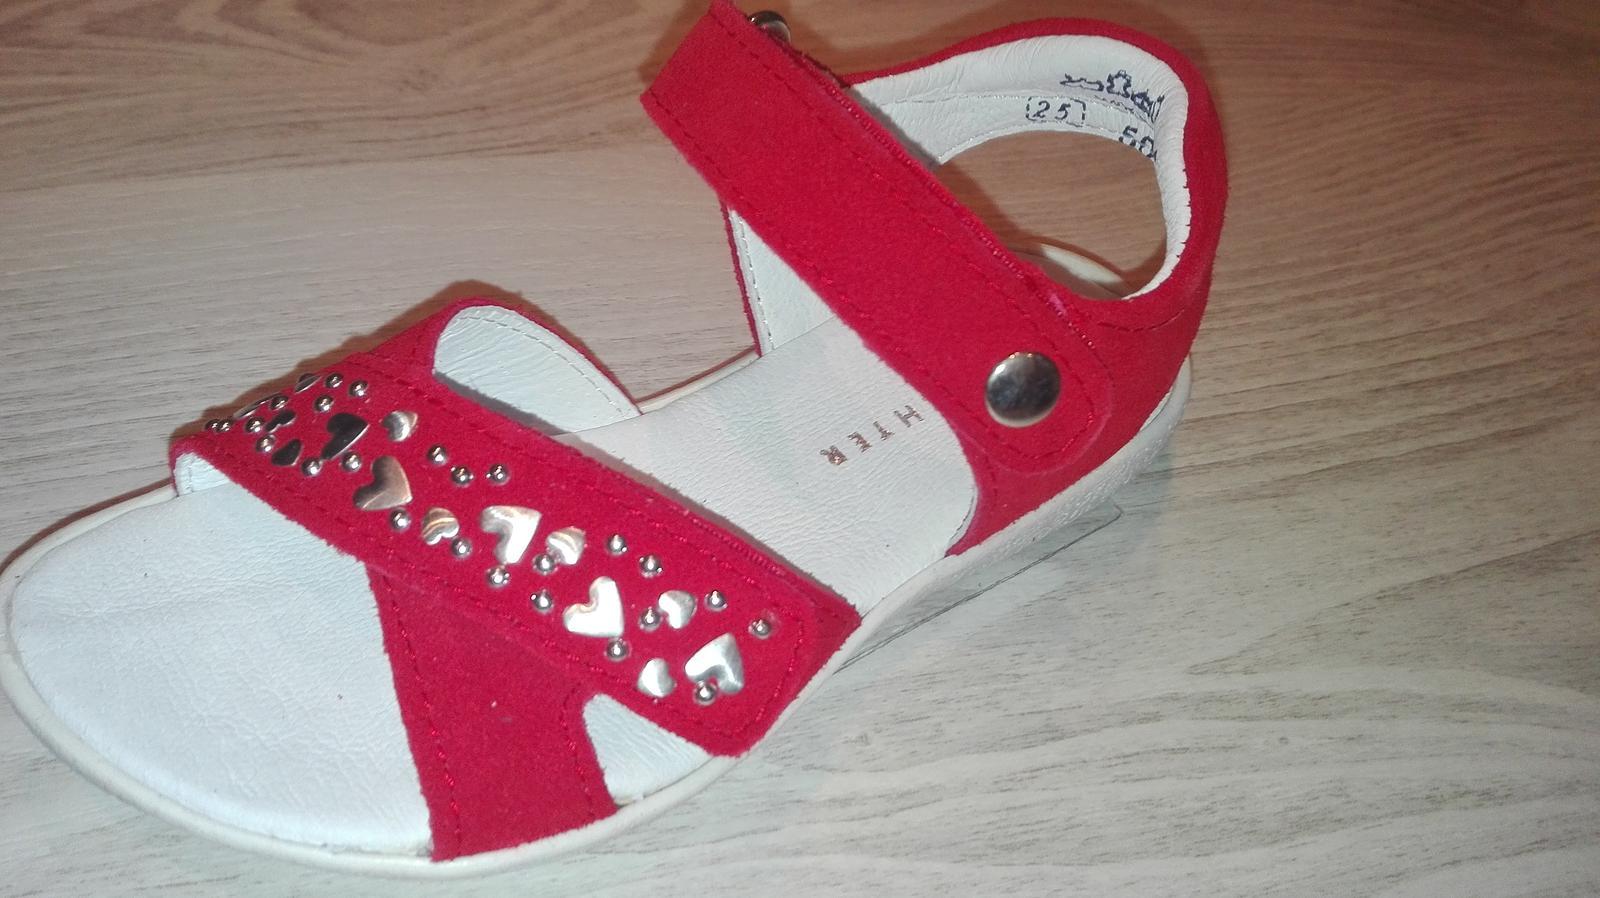 Kožené sandálky č. 25 zn. Richter červené - Obrázok č. 2